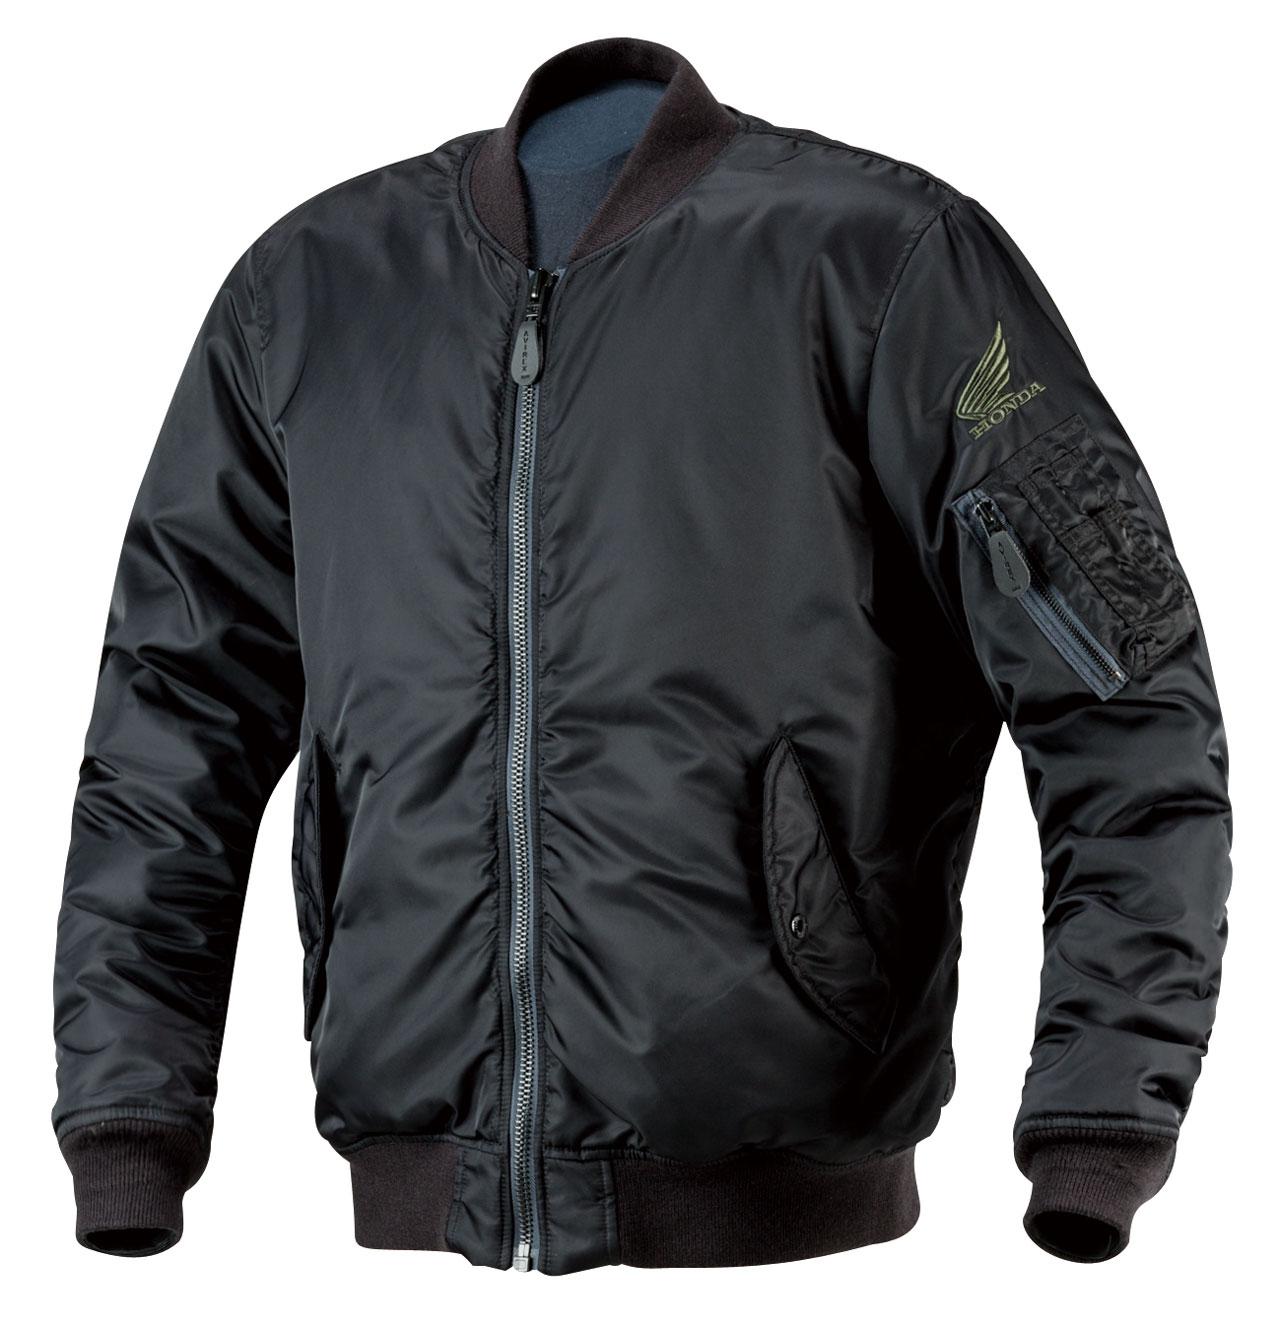 【HONDA RIDING GEAR】【Honda×AVIREX】MA-1 外套 - 「Webike-摩托百貨」